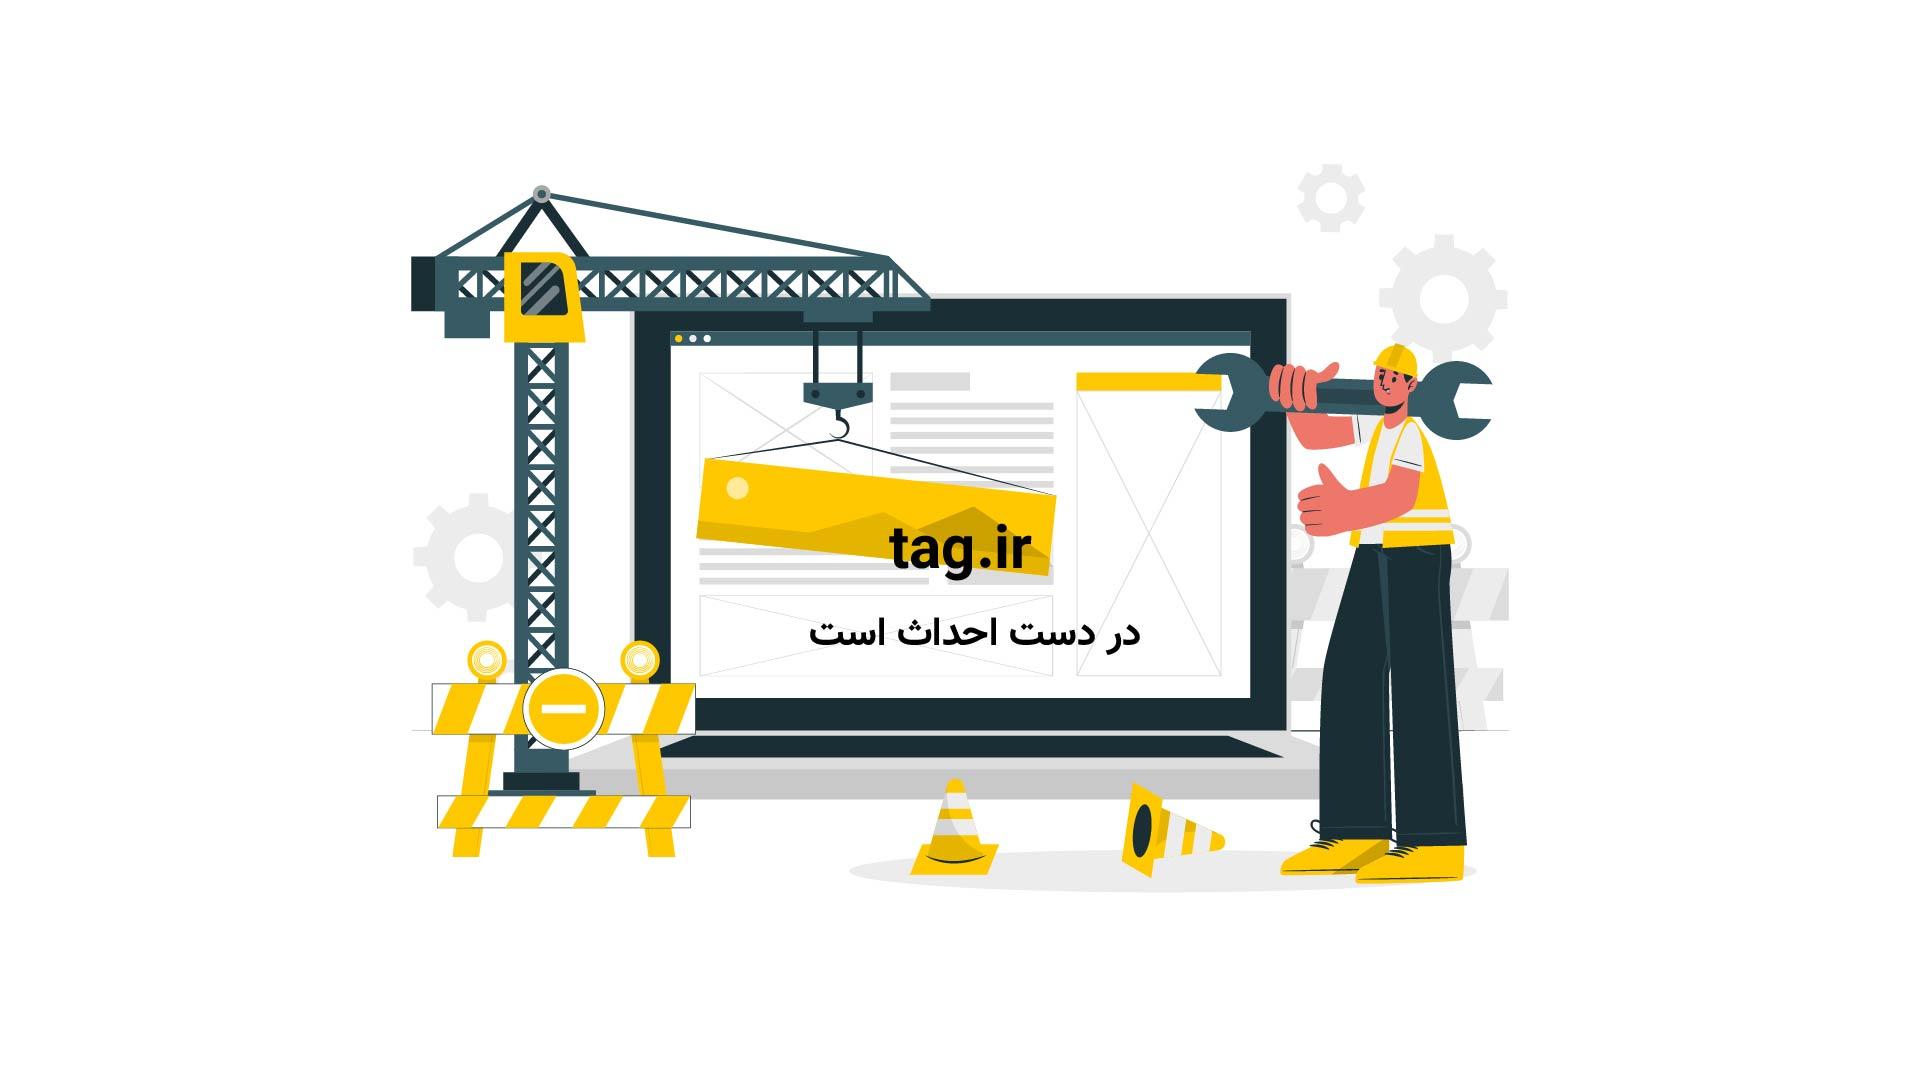 توصیه دکتر حسن روحانی به بانک های دولتی و خصوصی   فیلم